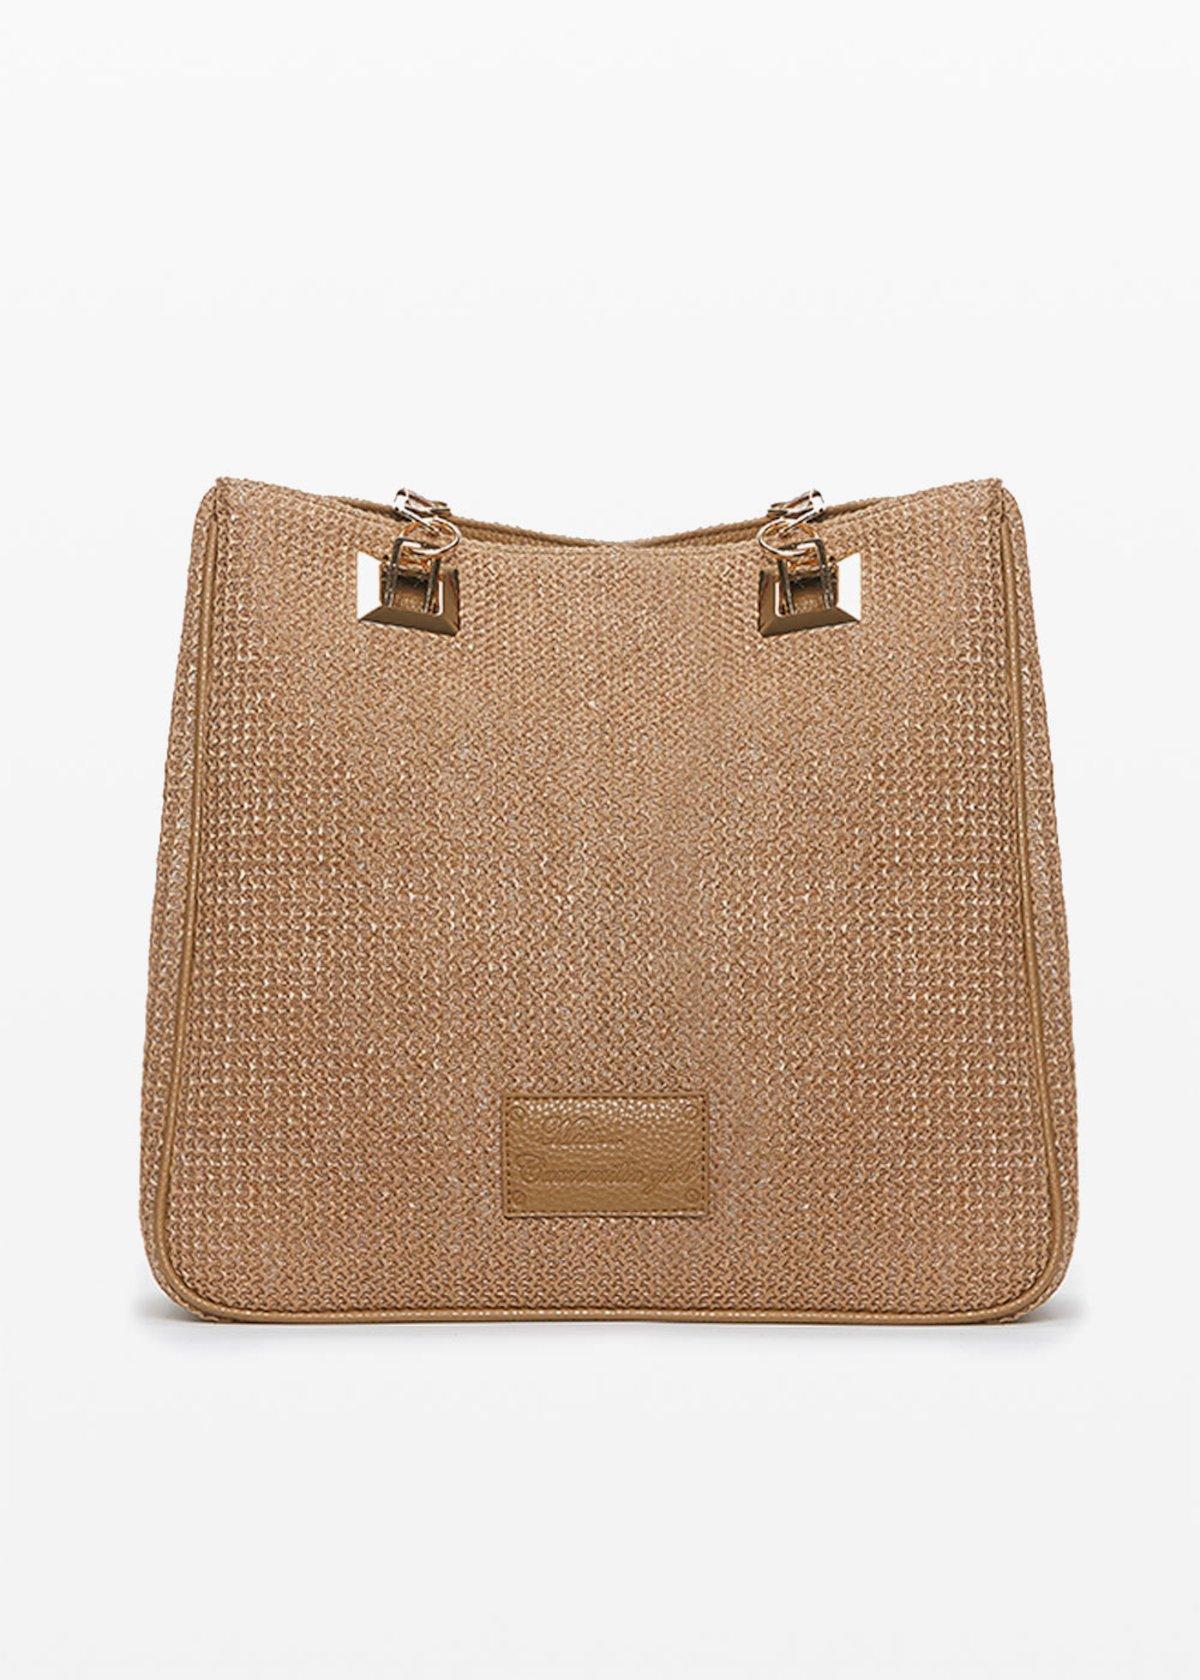 Blindas bag with zipper - Beige - Woman